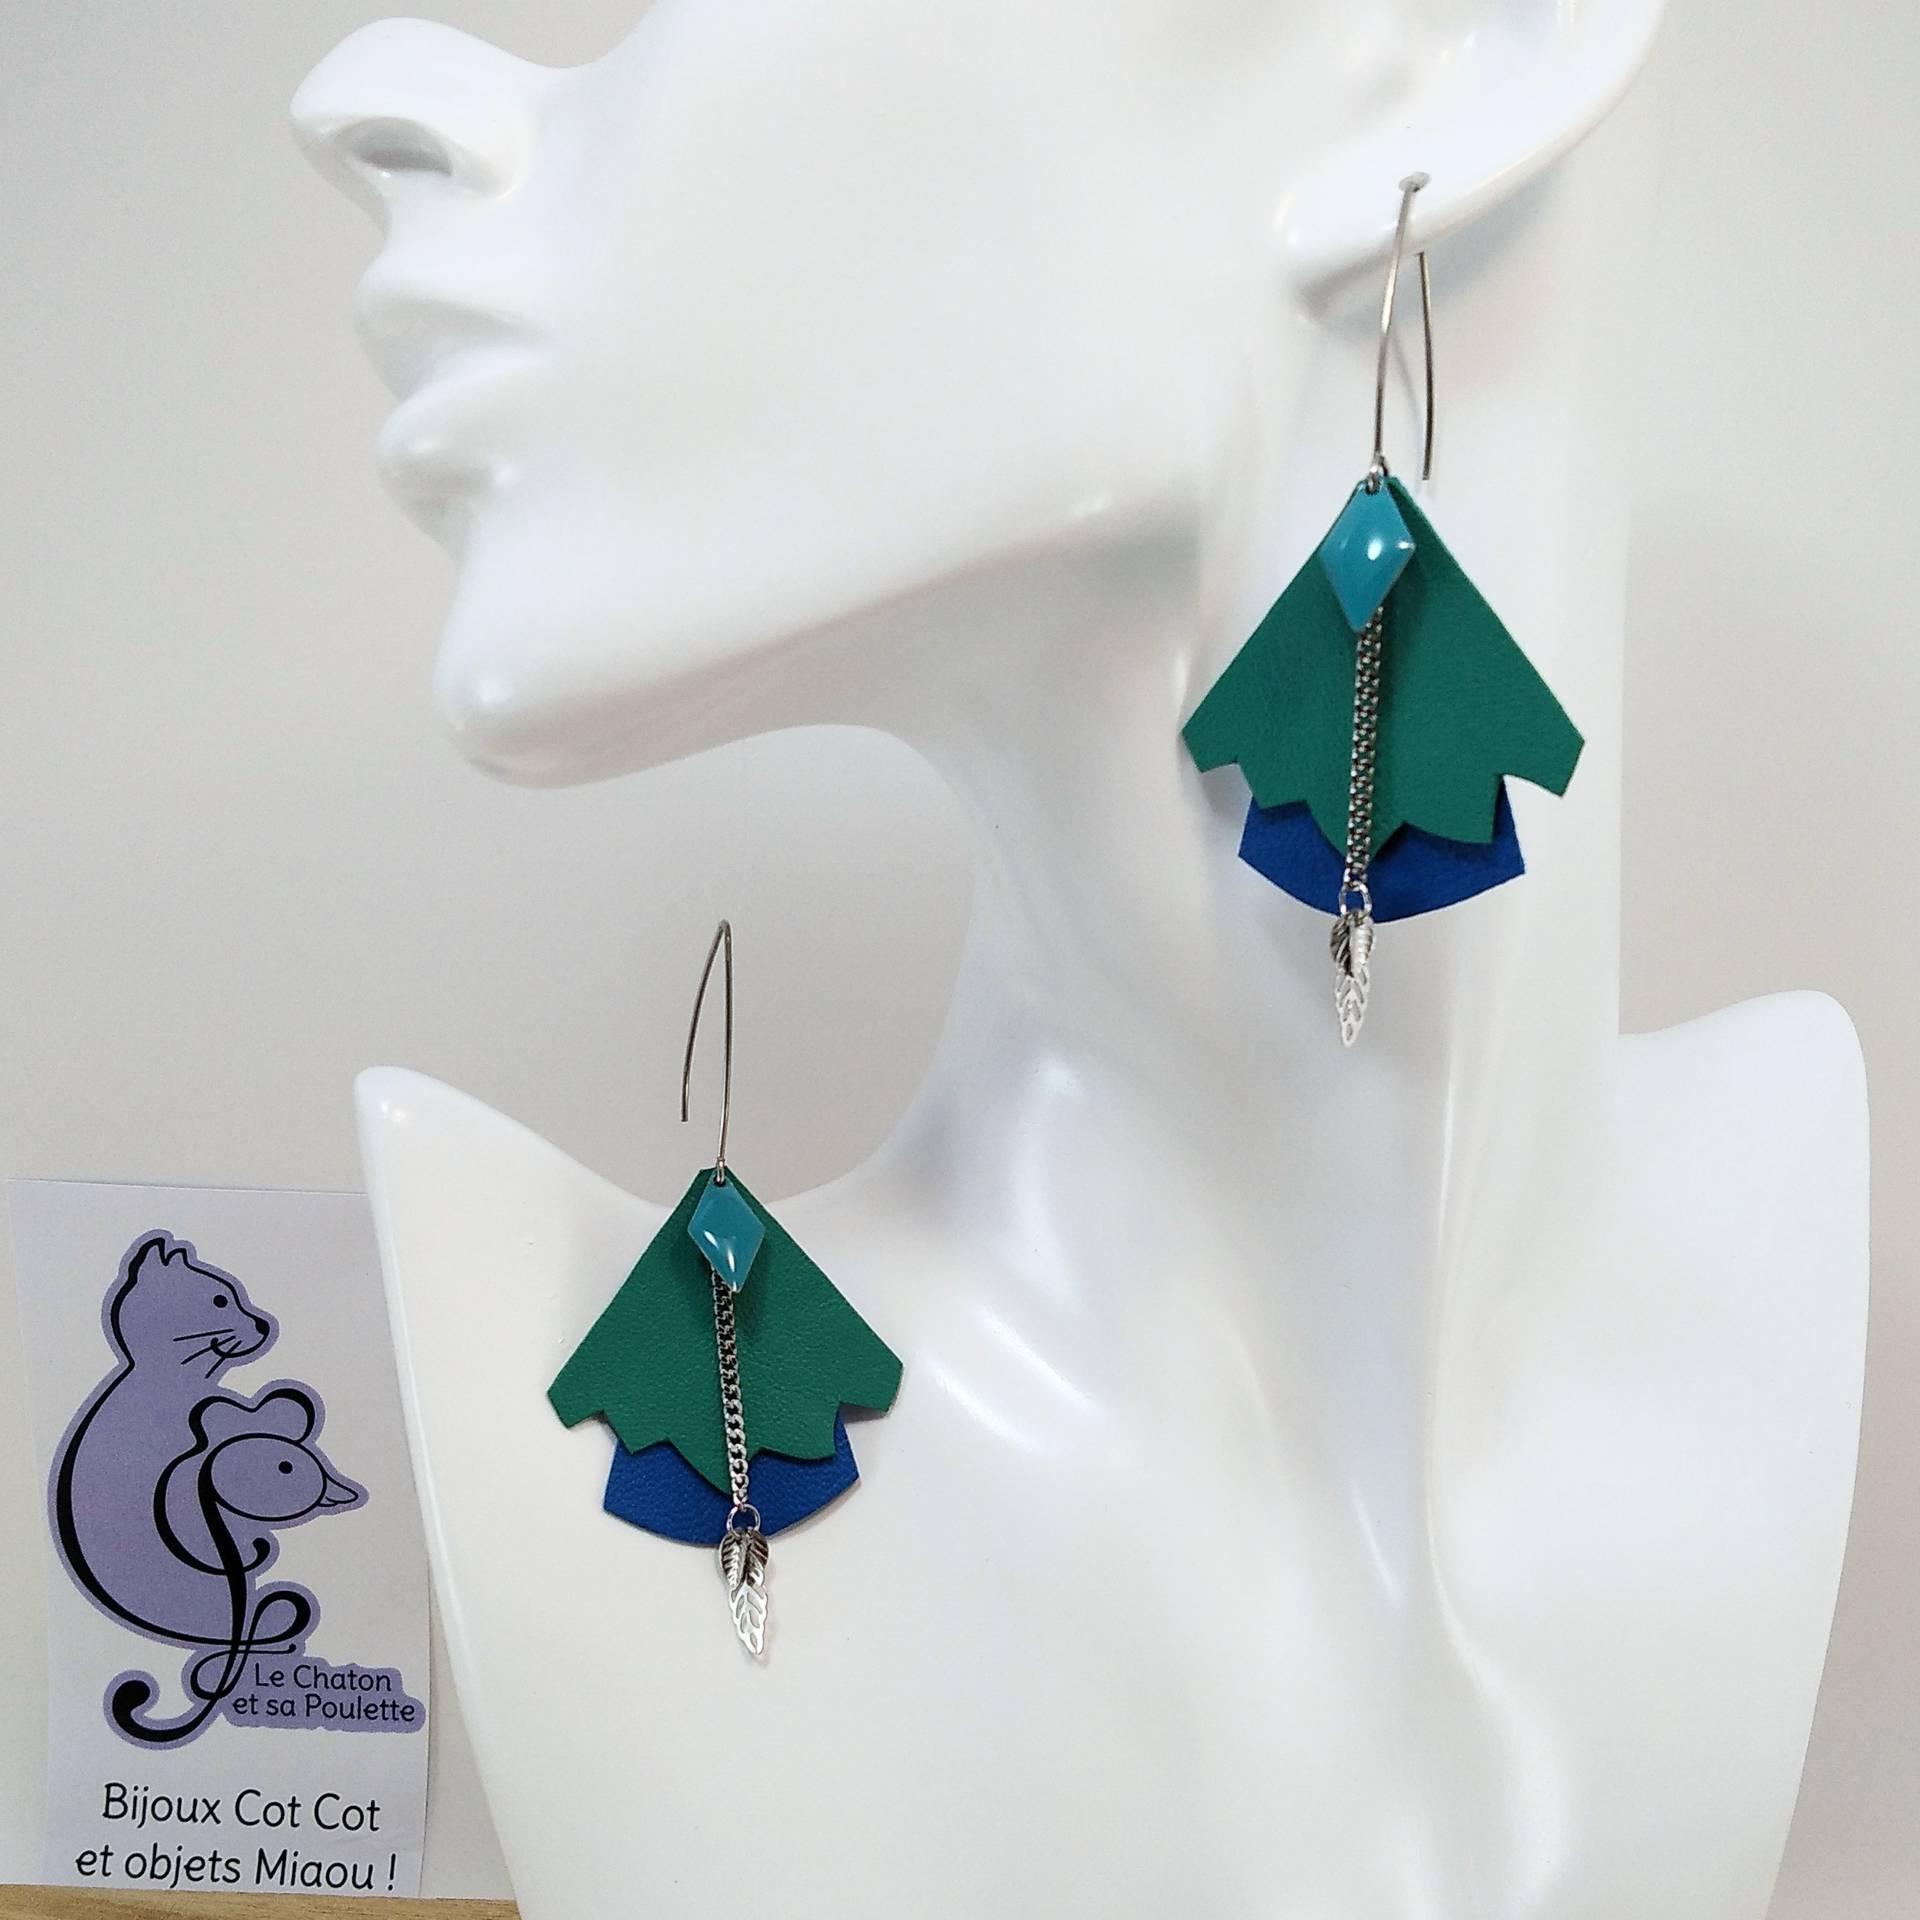 BO FORMIDABLE modèle n°5 Cuirs vert prasin et bleu cobalt, breloque diamant turquoise